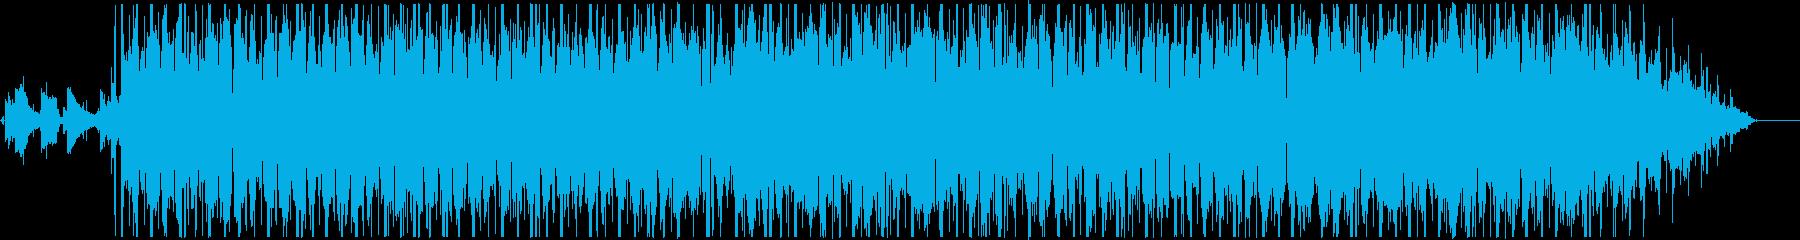 ヒップホップ系、チル、メロウ、Lo-Fiの再生済みの波形